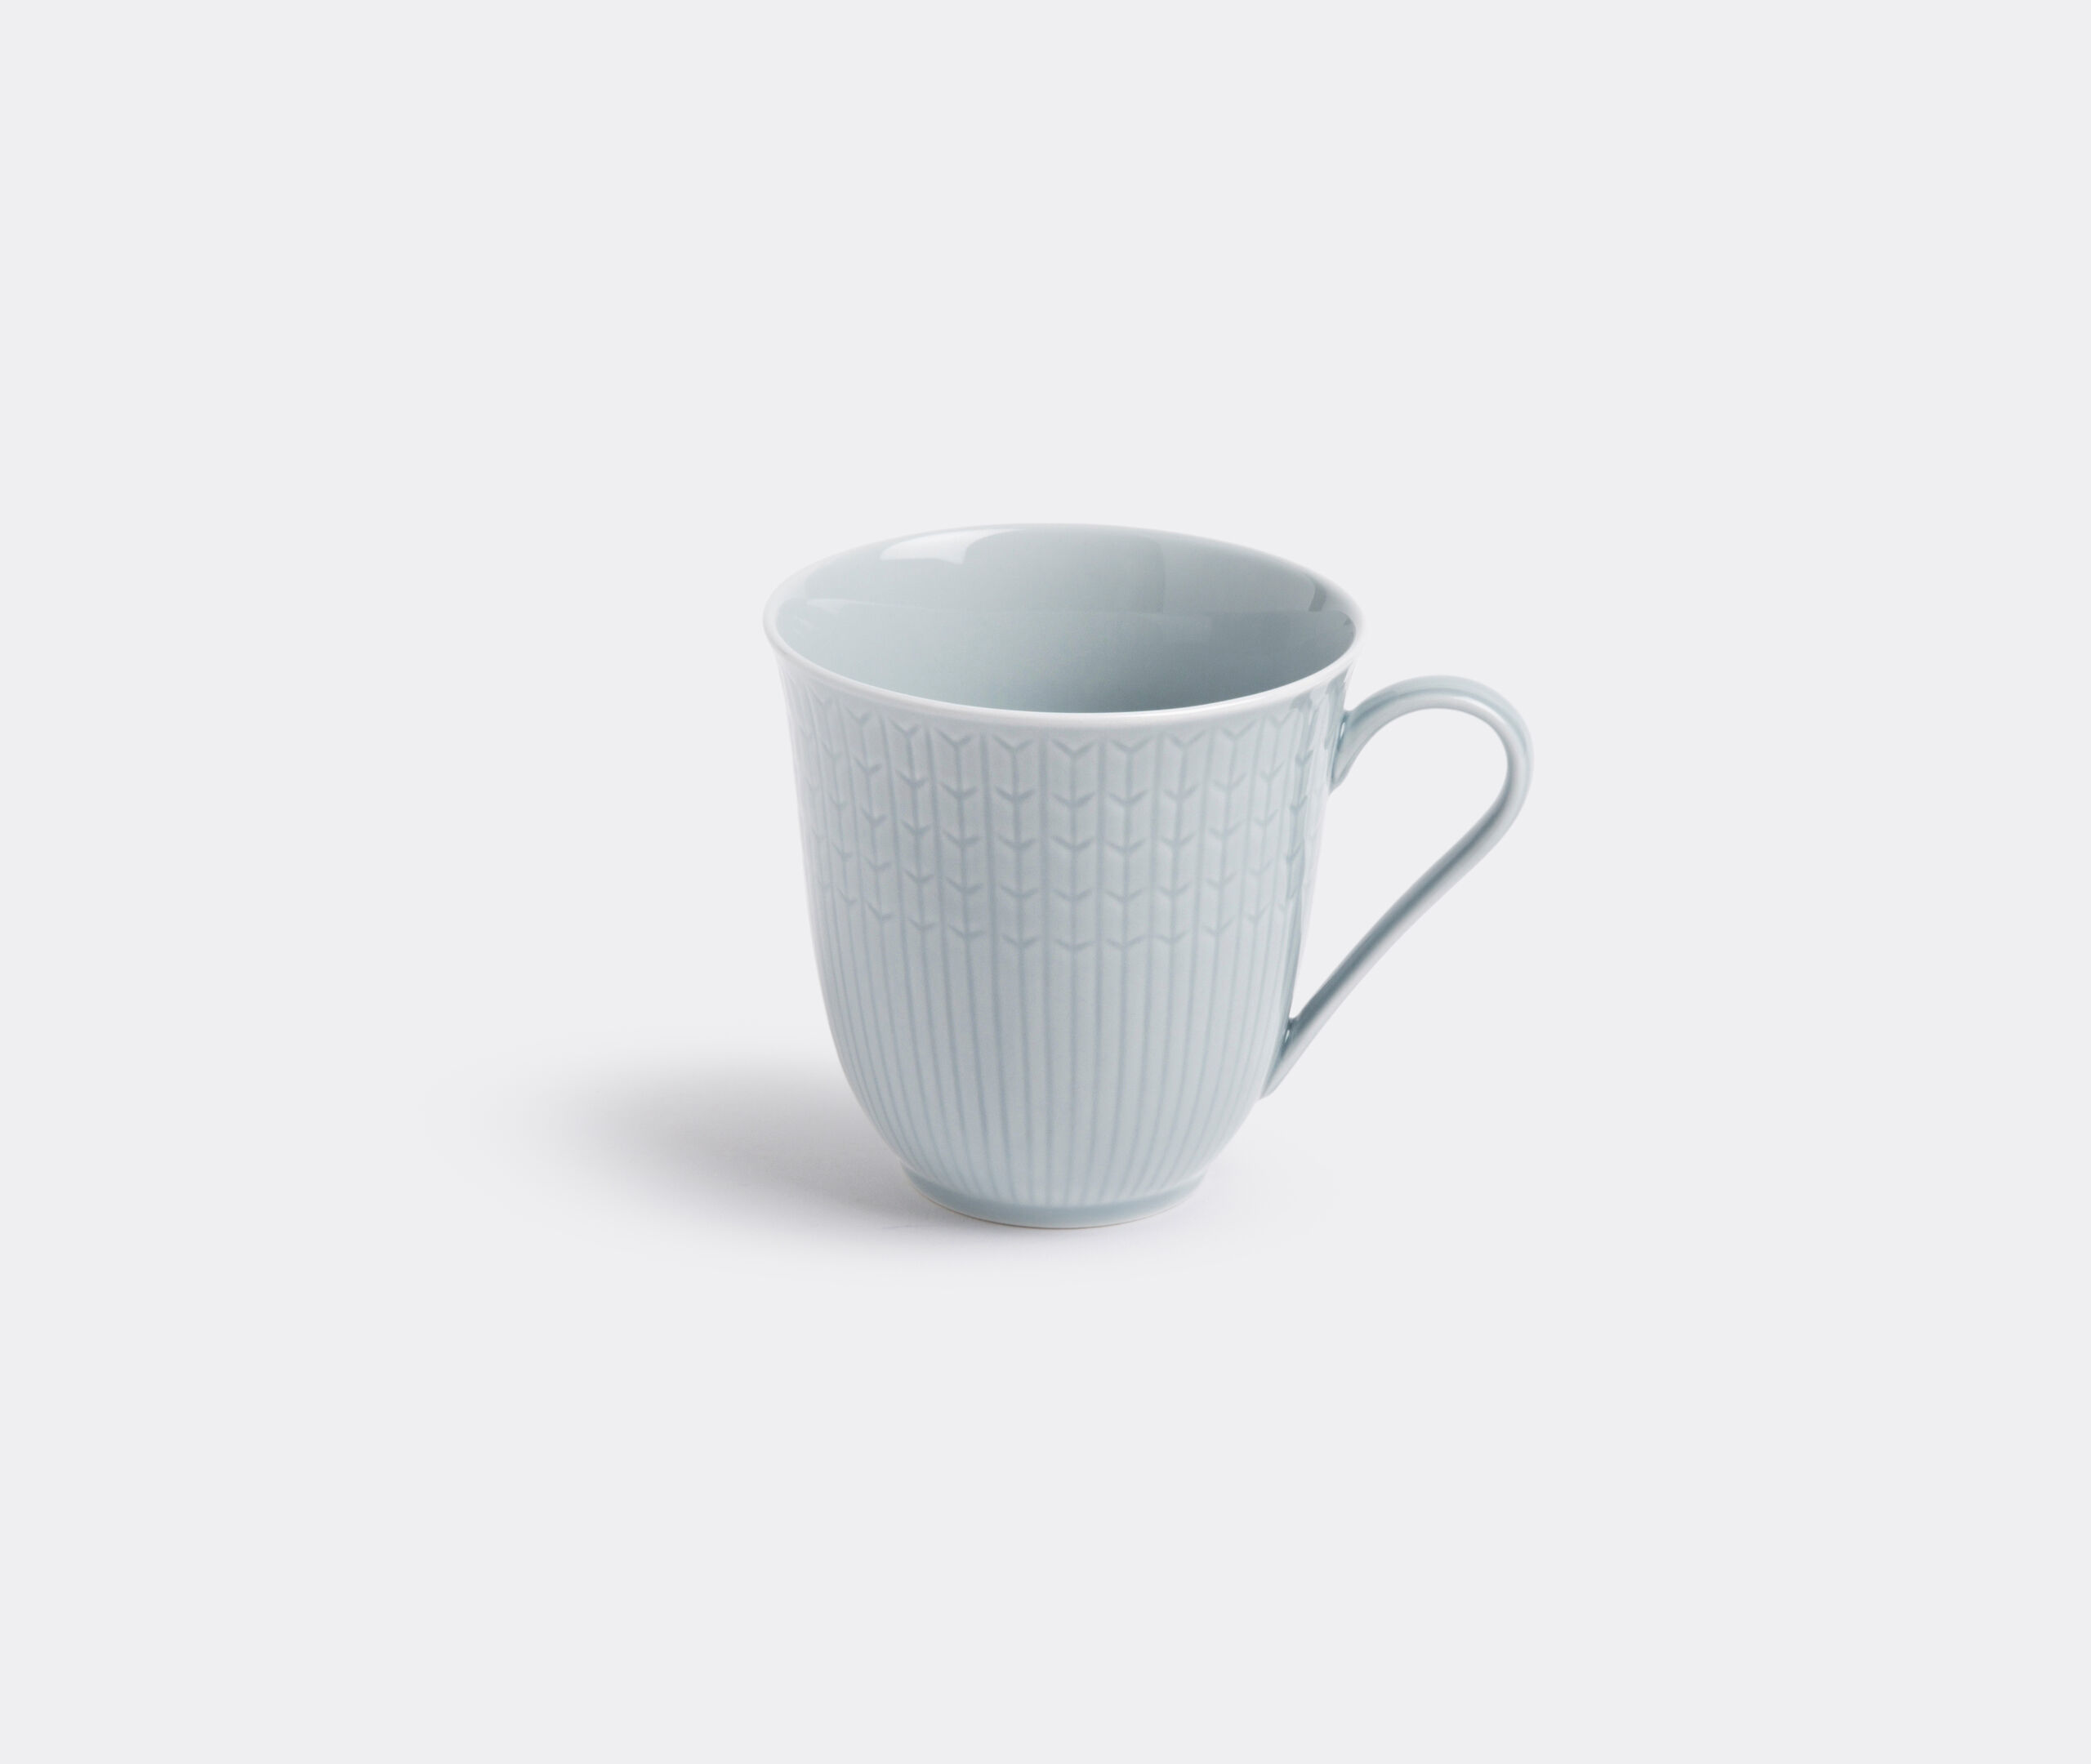 Swgr Mug 0,3L Ice